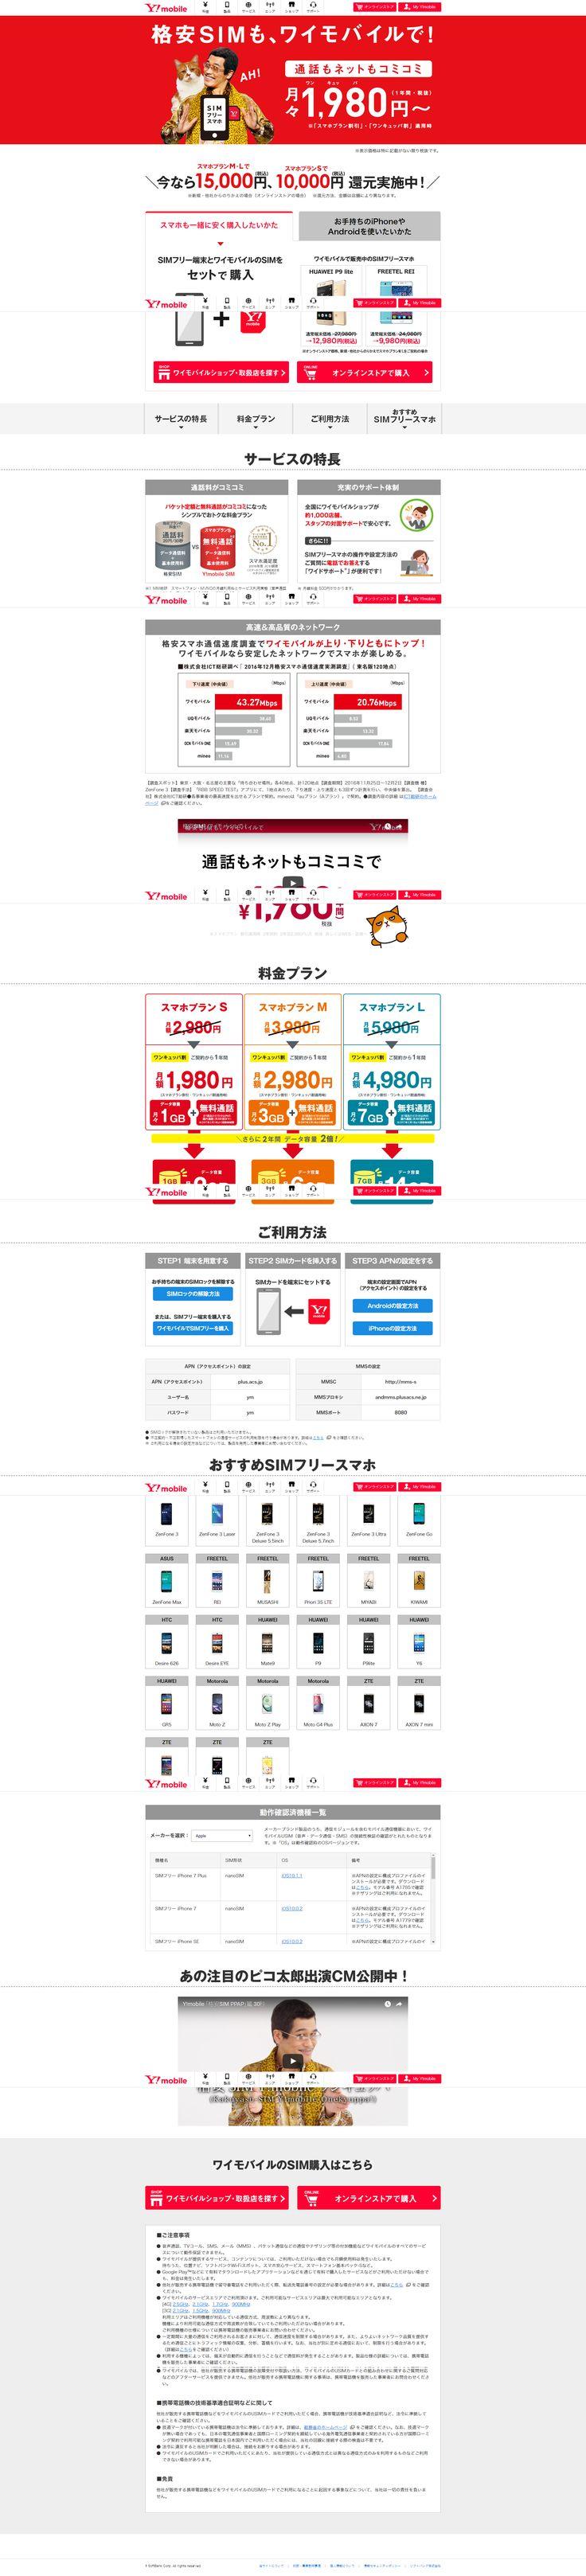 ワイモバイルからおトクな音声付きSIM登場! |Y mobile